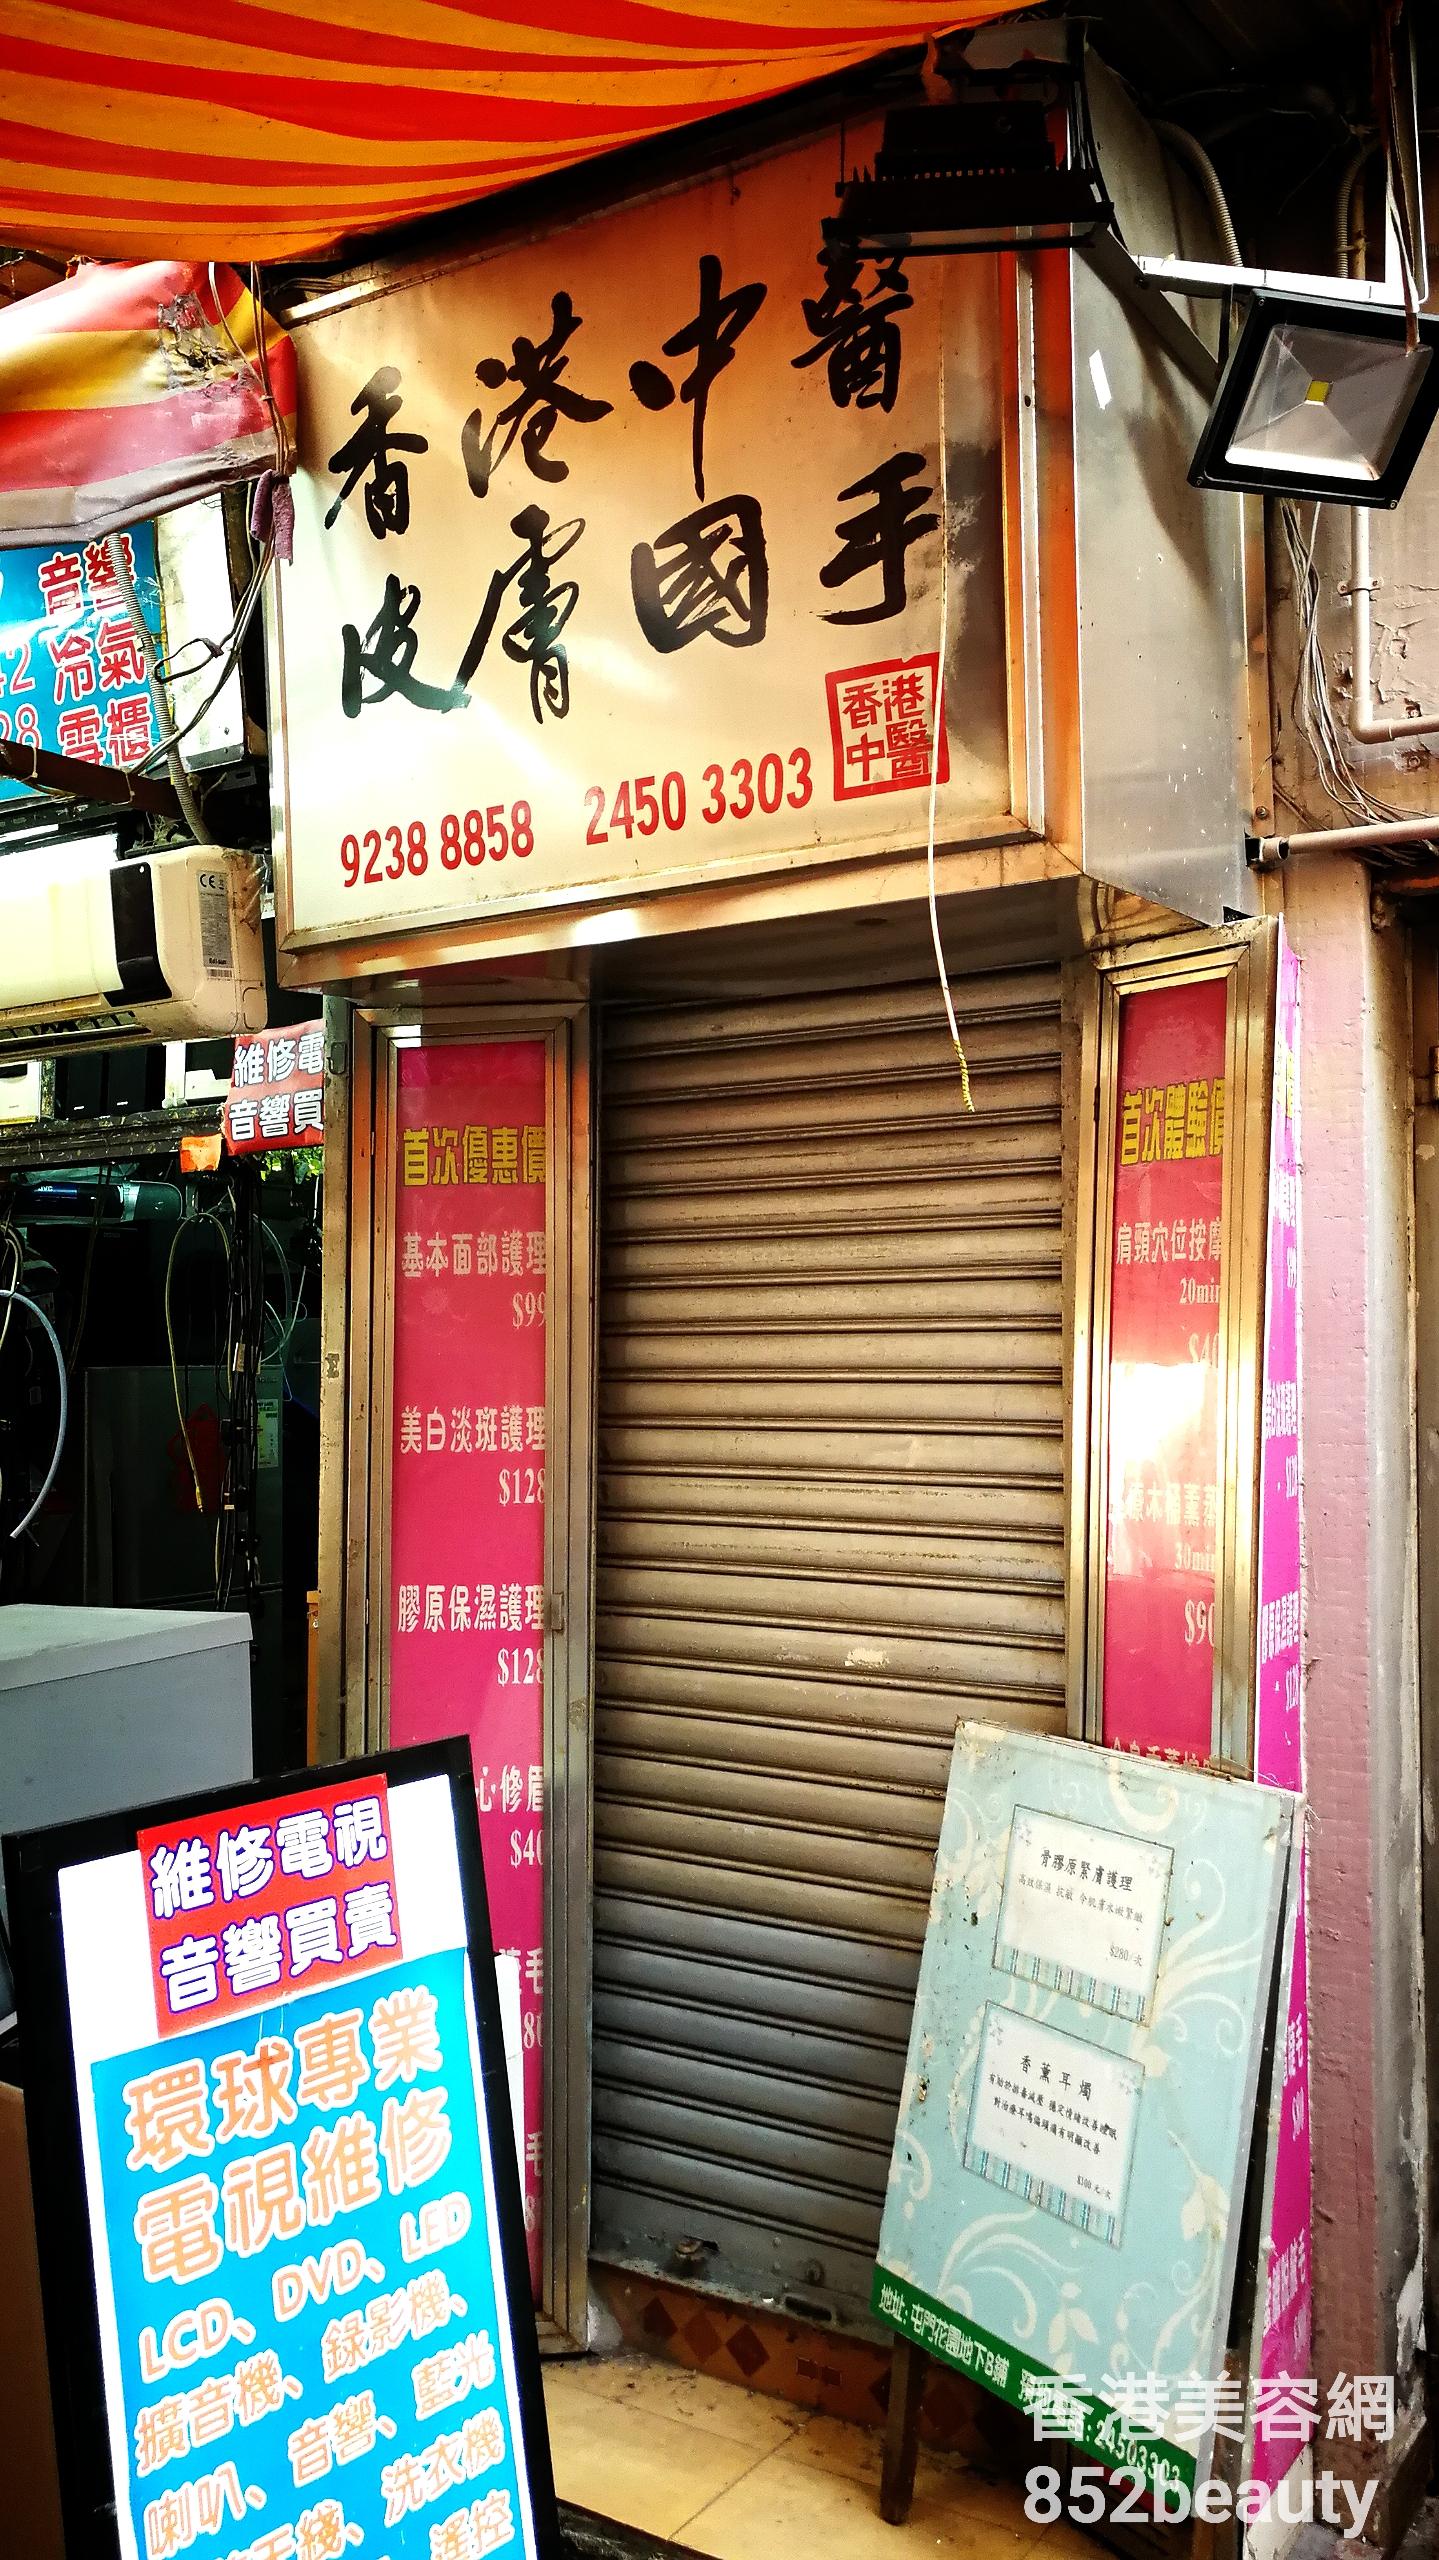 香港美容院 美容師 : 香港中醫 皮膚國手 @青年創業軍